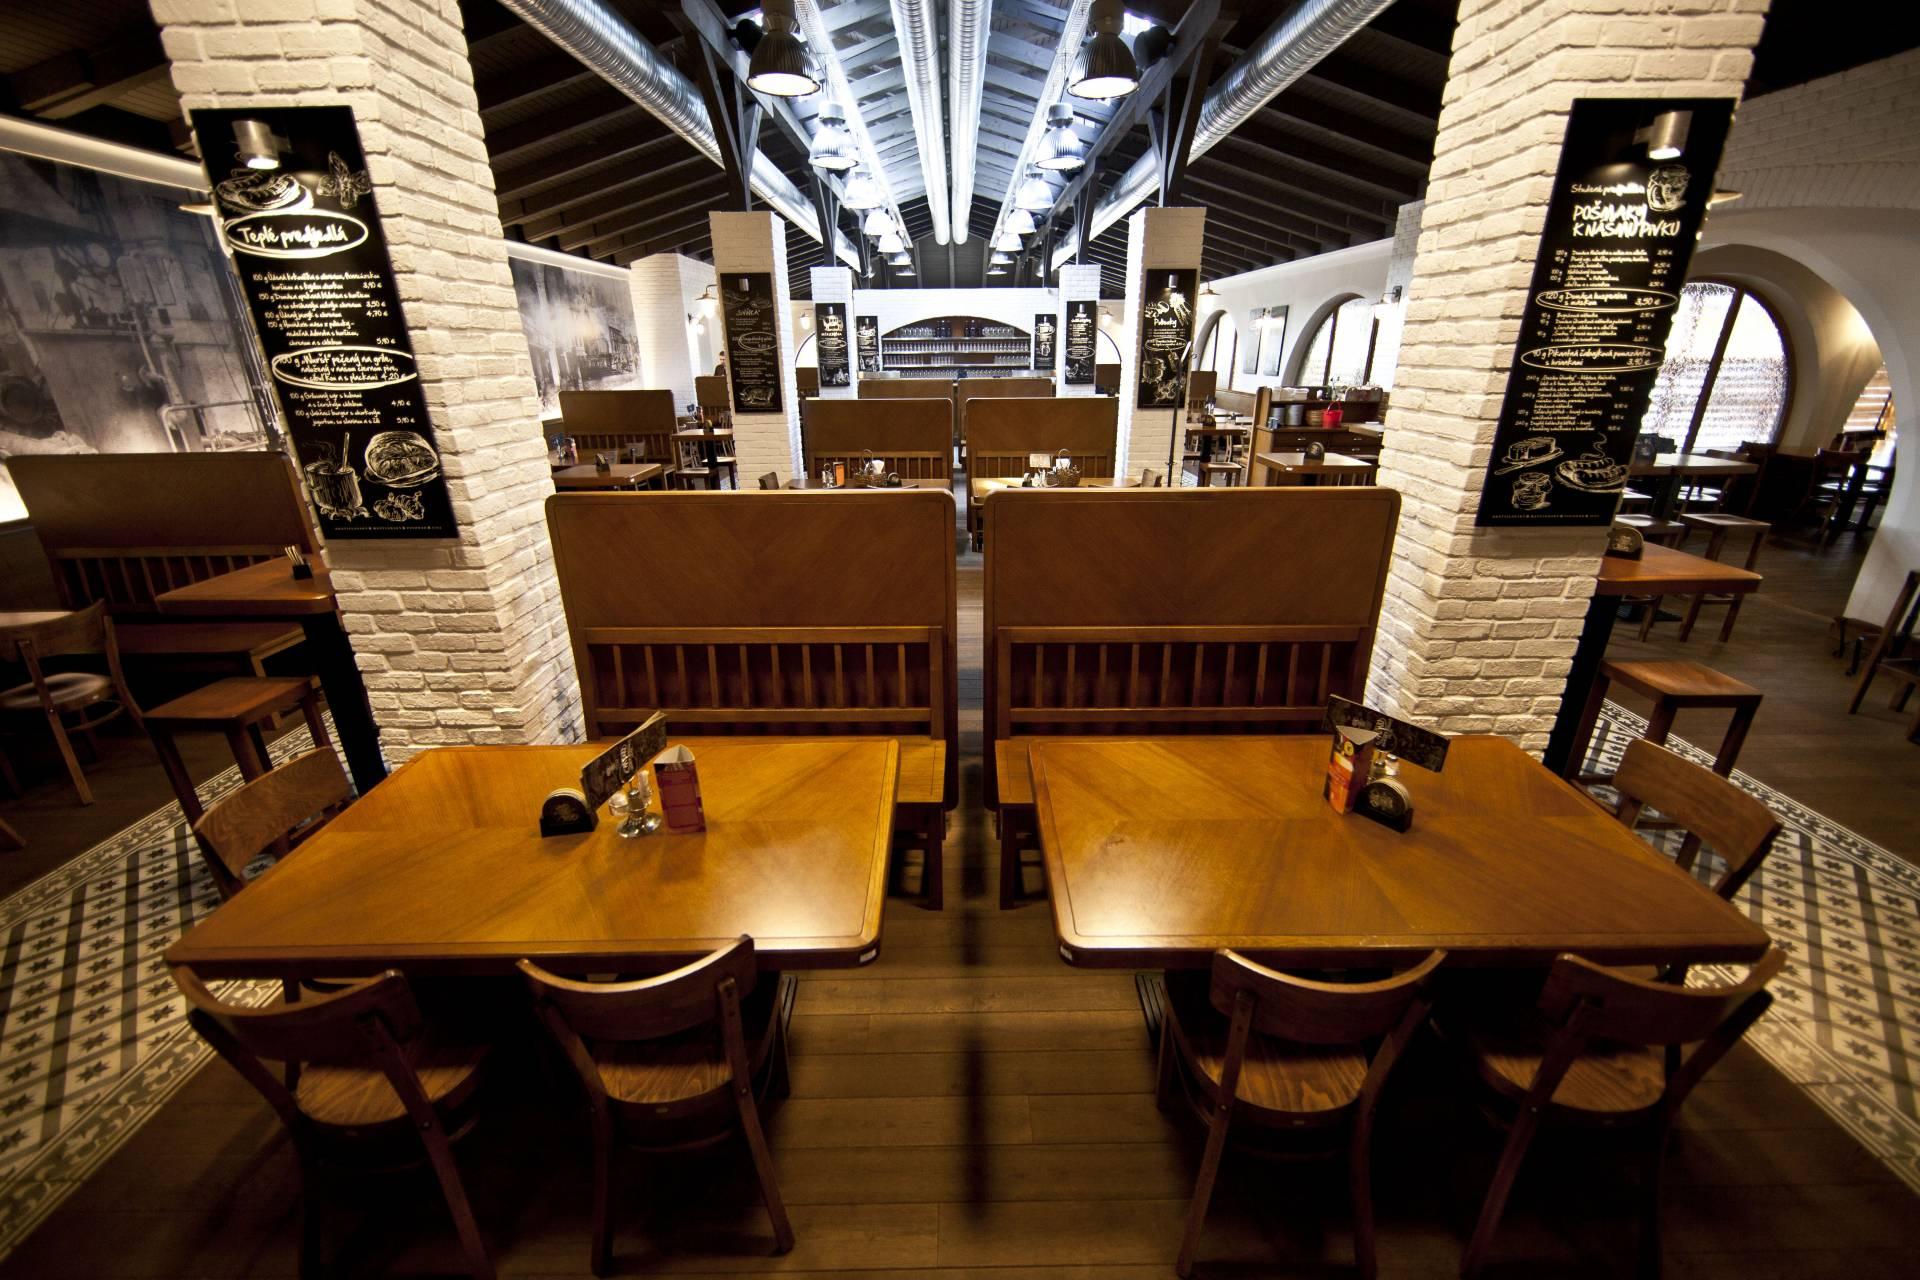 Predaj/ odstúpenie prevádzky/ nájmu Pivovarskej reštaurácie 1300 m2, Bratislava-Staré Mesto